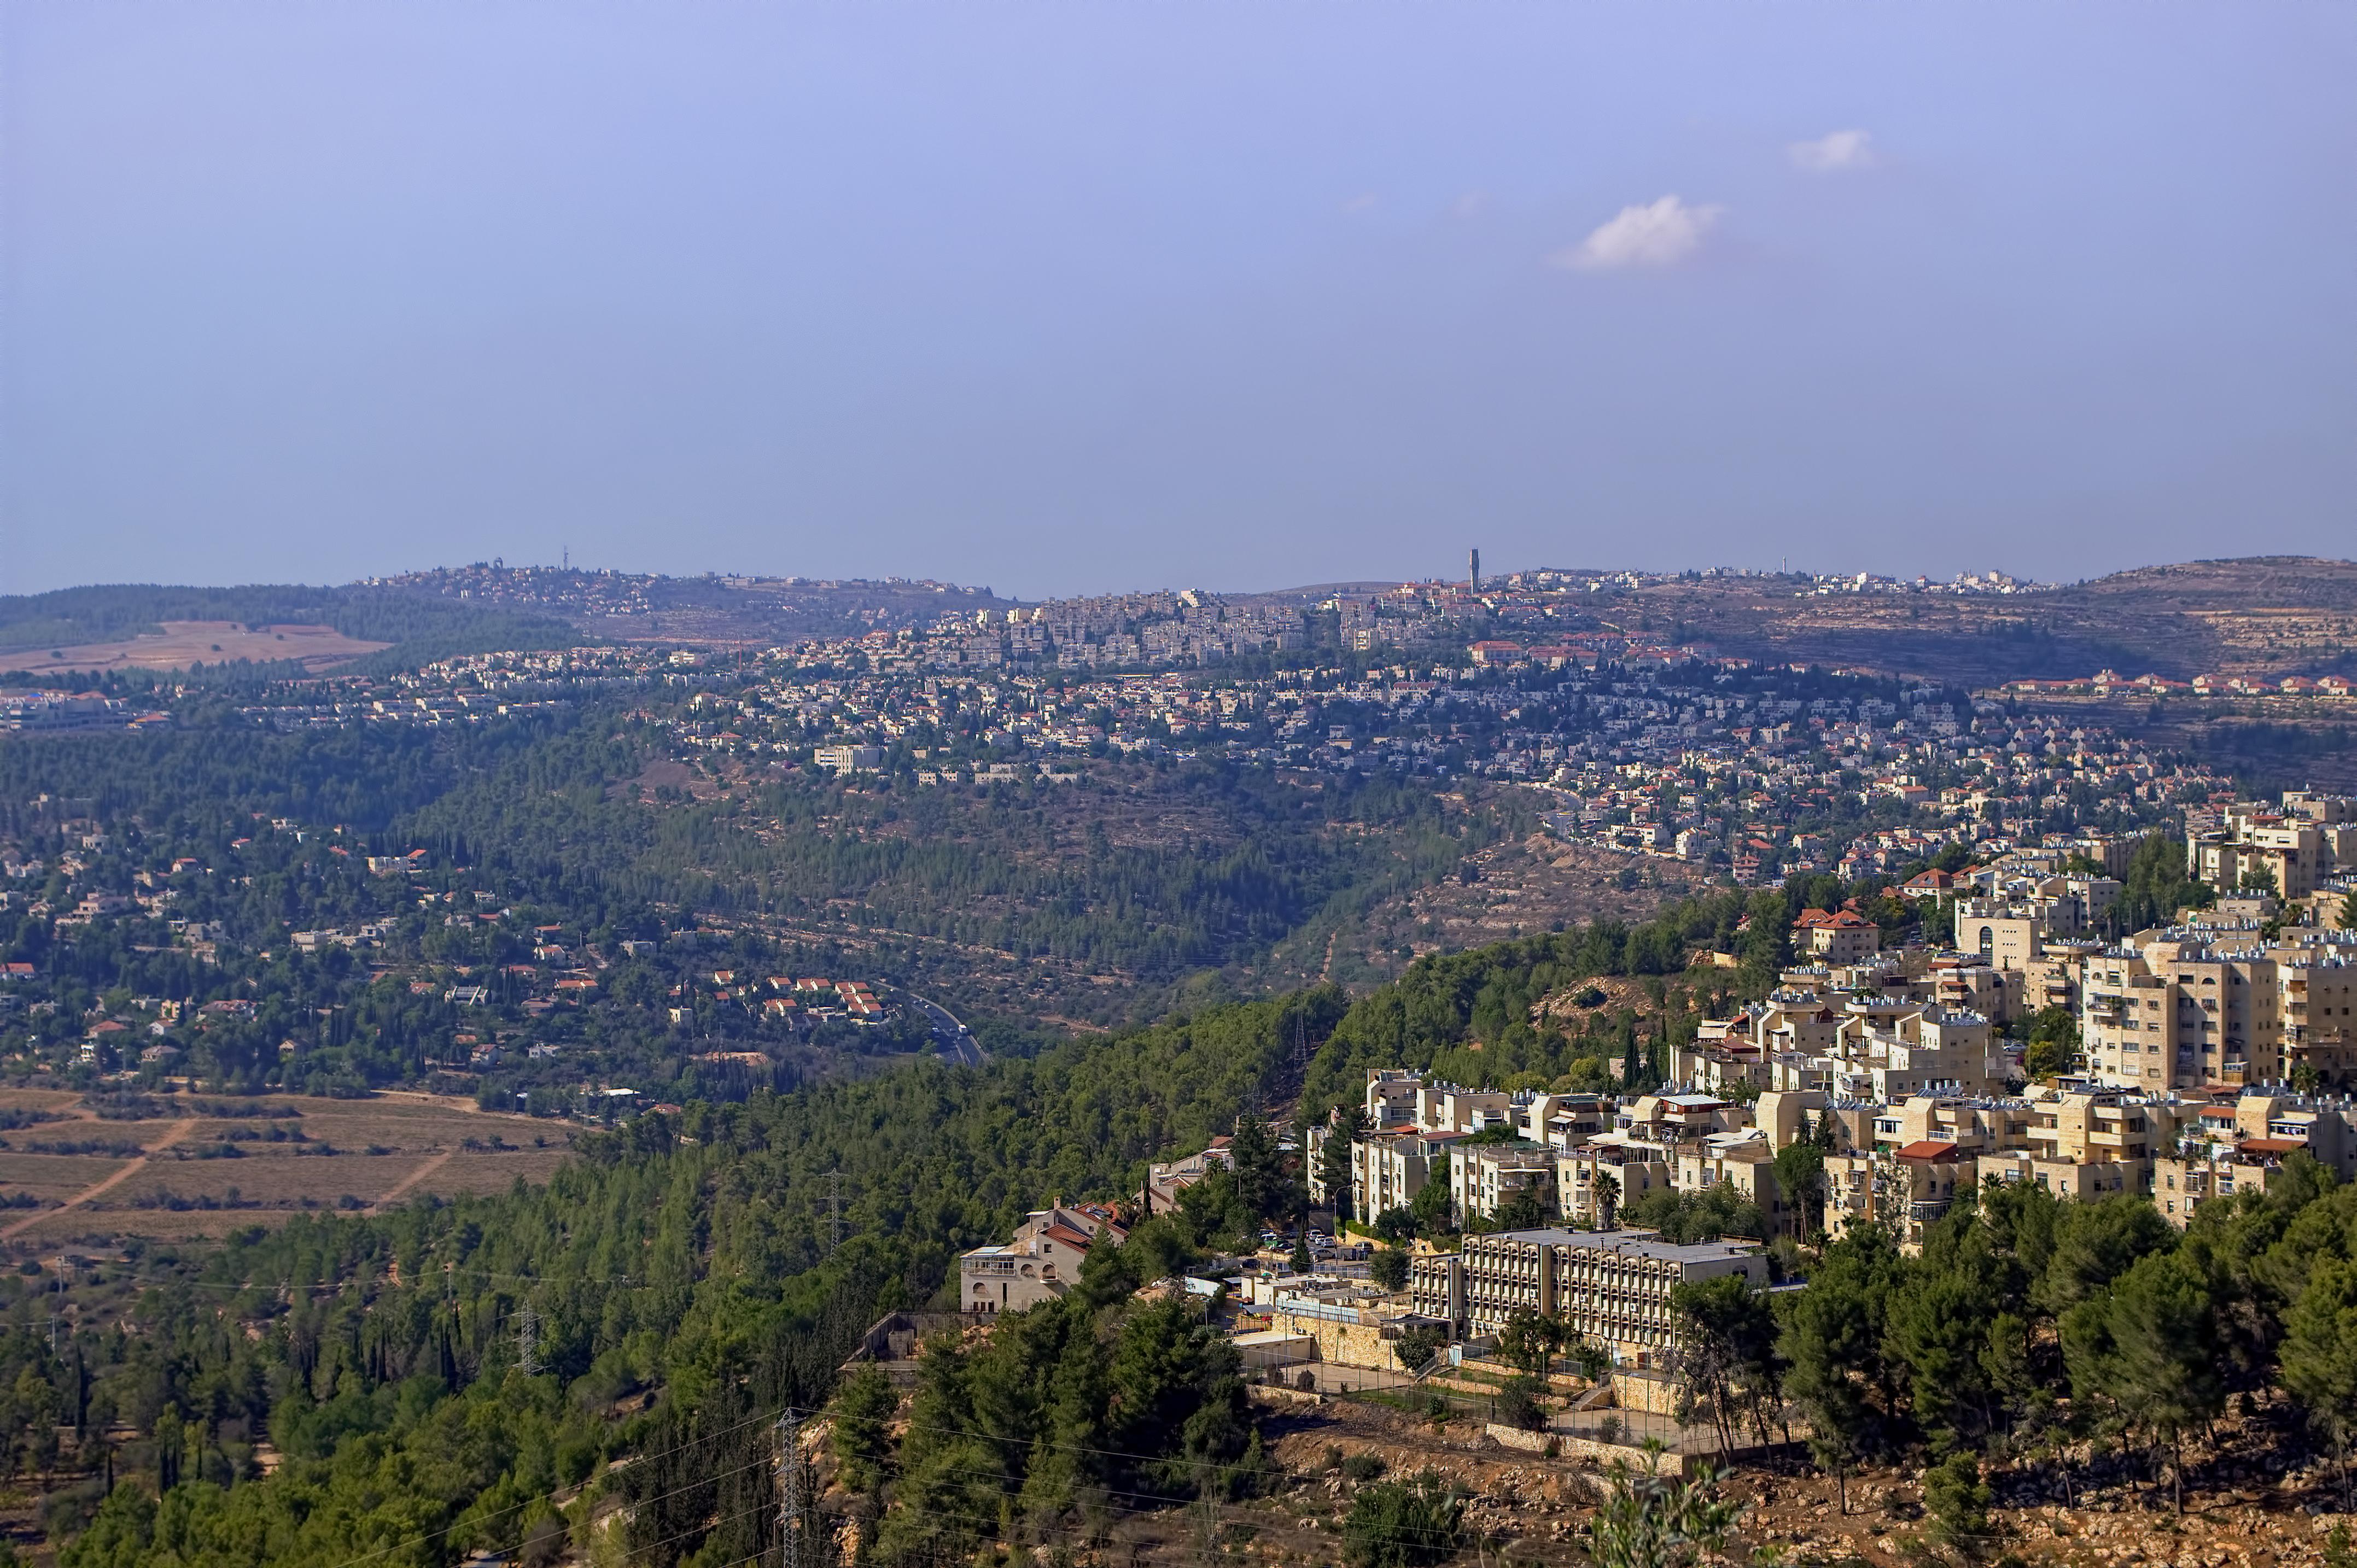 Иерусалим - вид с высоты птичьего полета